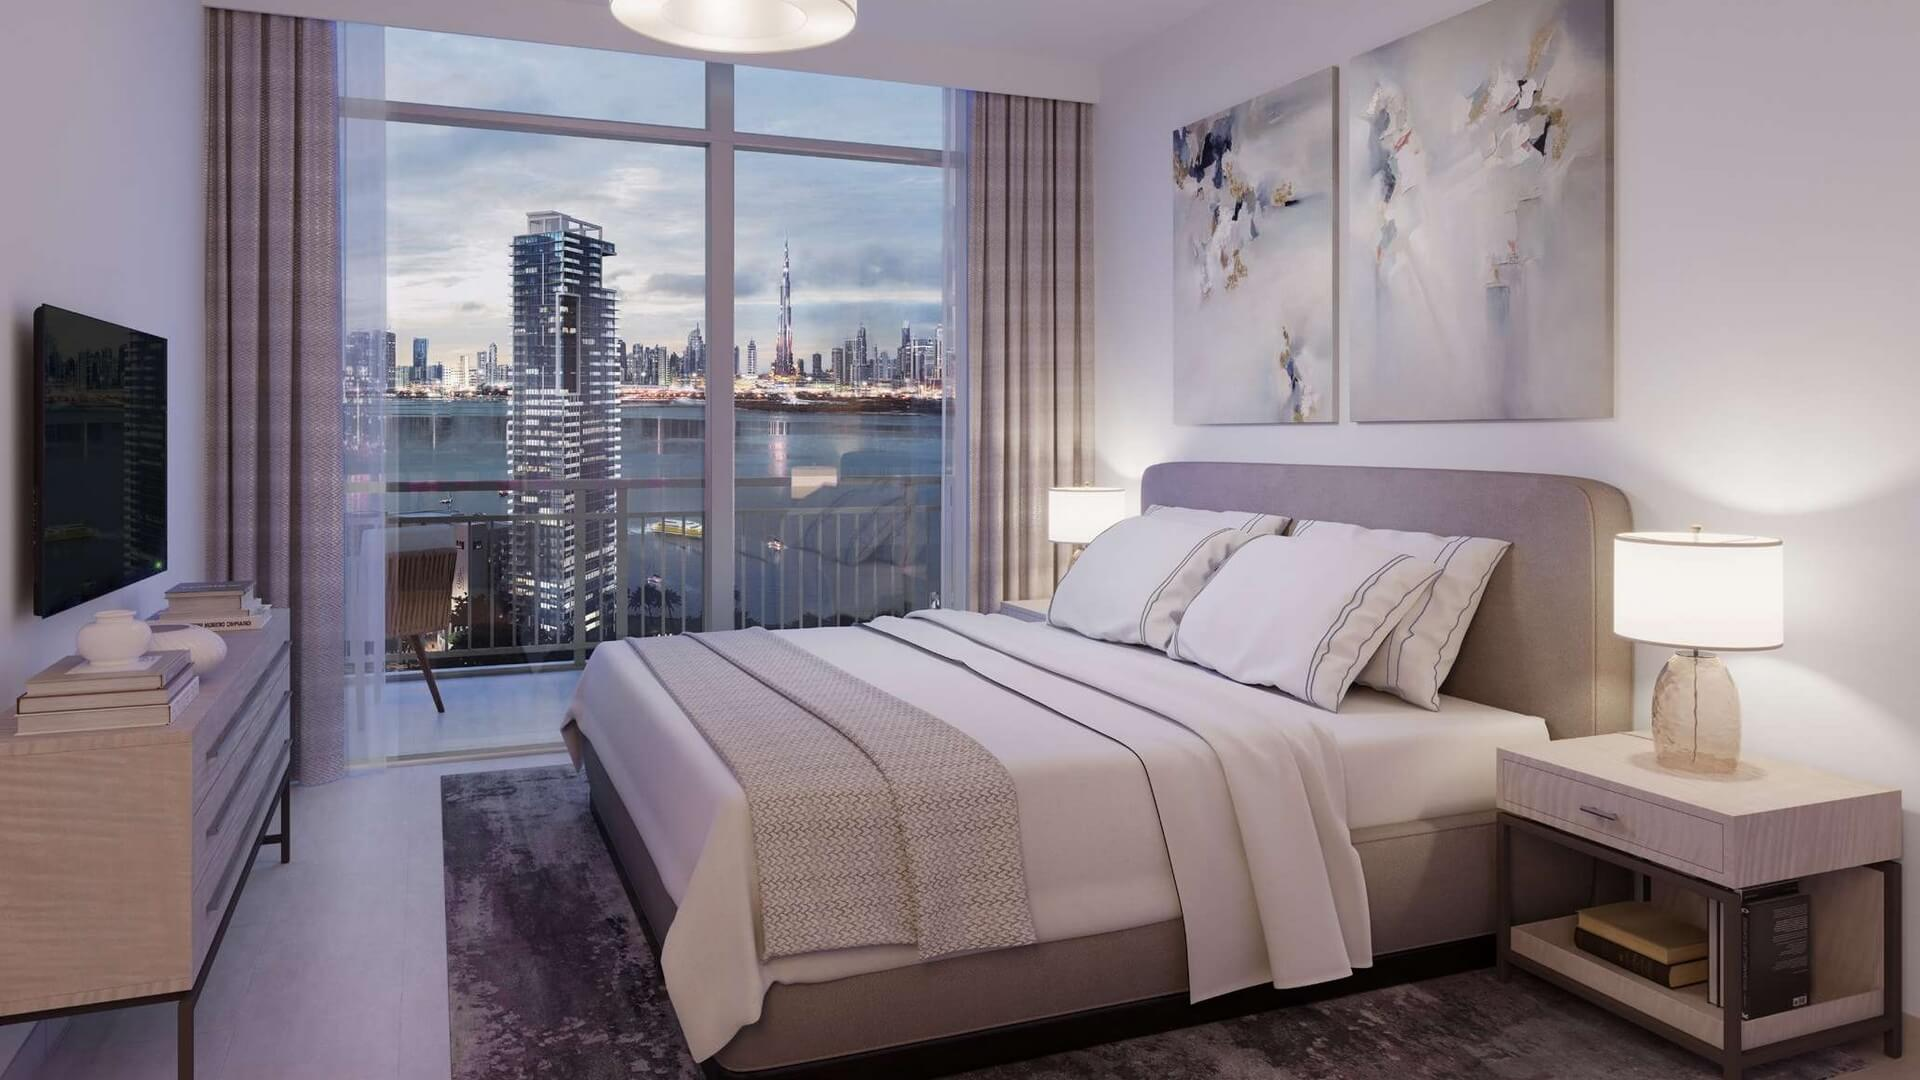 Apartamento en venta en Dubai, EAU, 3 dormitorios, 139 m2, № 24591 – foto 1